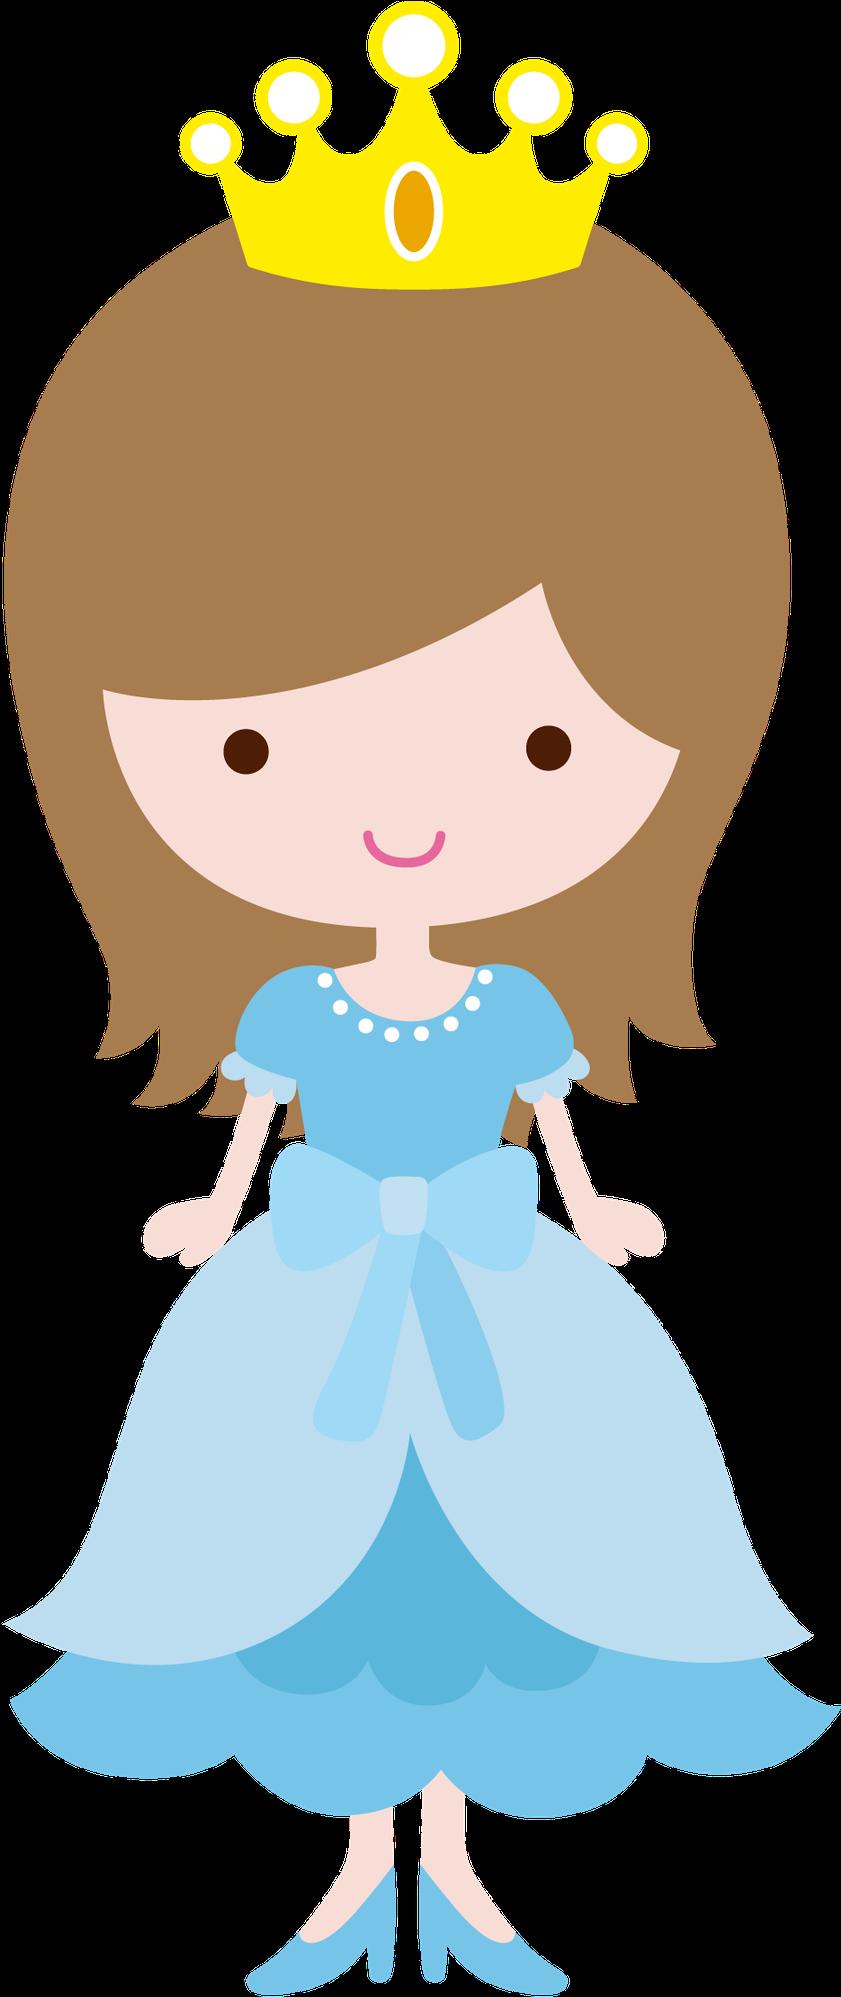 Princesas Da Disney Na Adolecencia Em Desenho Animado Quizur